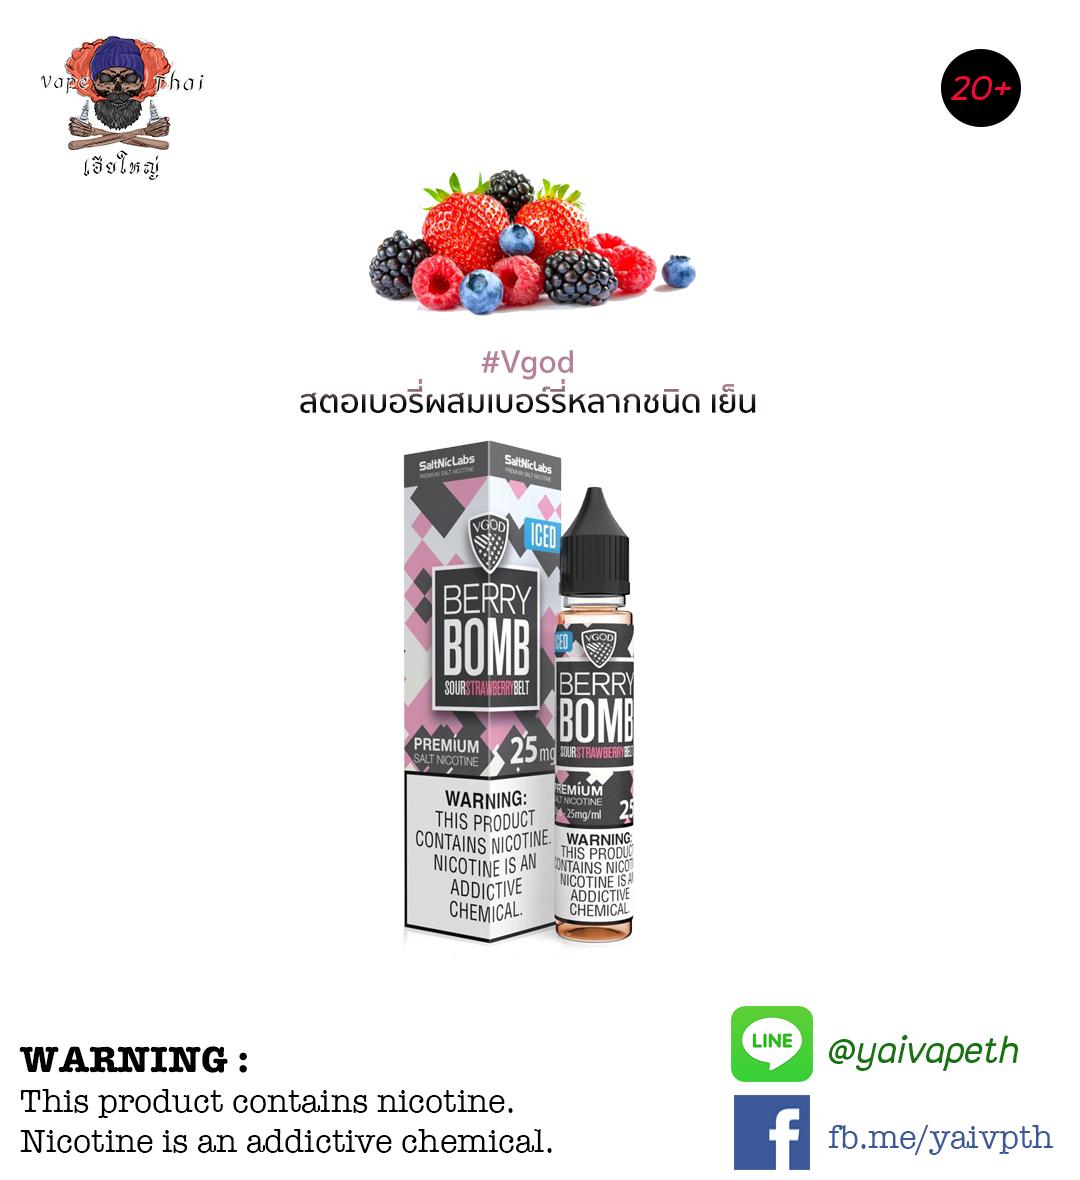 สตอเบอรี่ผสมเบอร์รี่เย็น - VGOD Iced Berry Bomb Salt Nic 30ml 25,50mg (U.S.A.) [เย็น] ของแท้ 100%